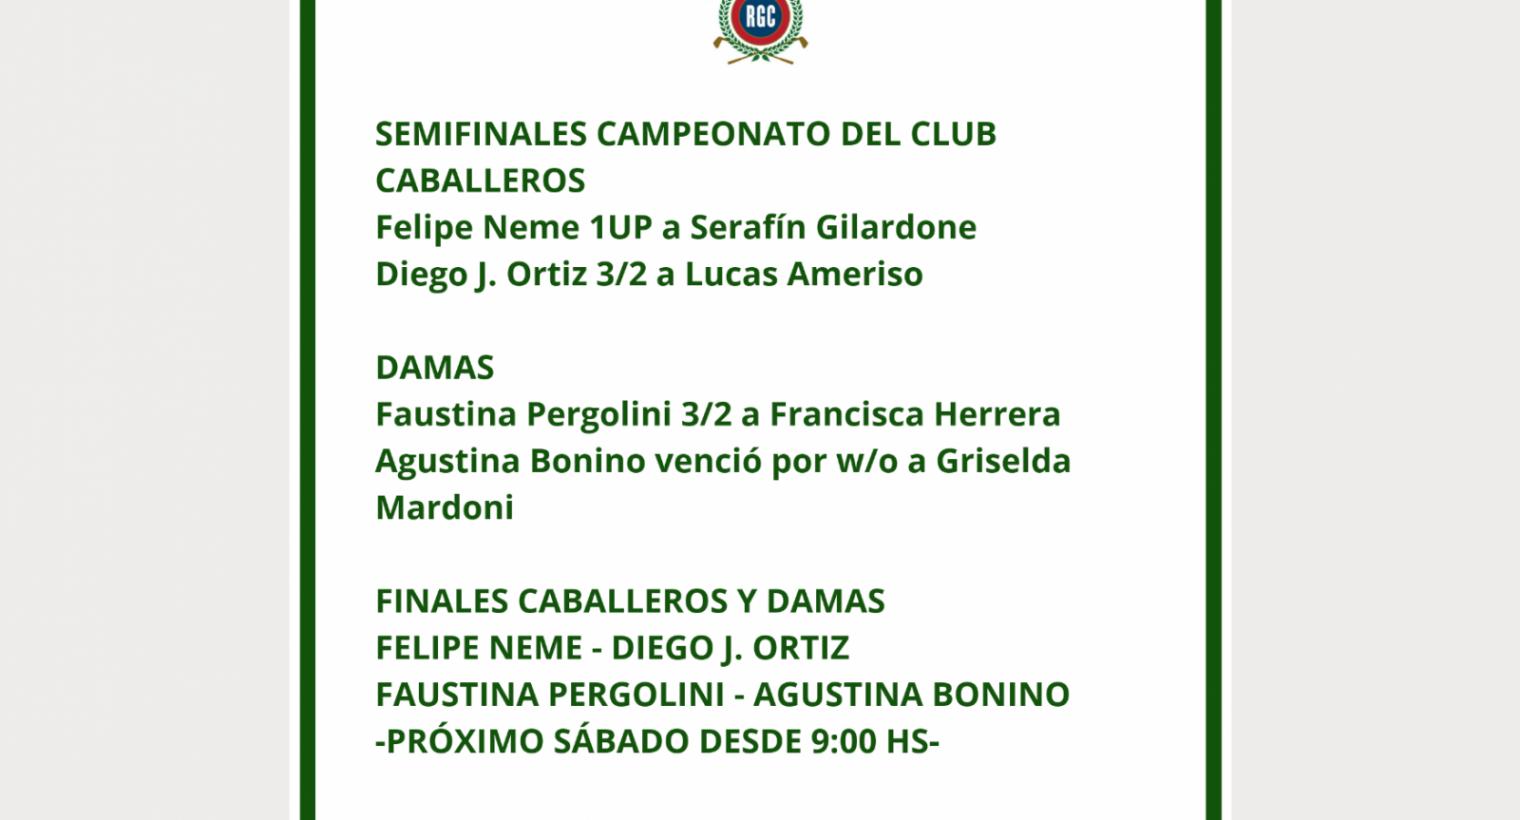 Campeonato del Club -Matchs Semifinales Damas y Caballeros